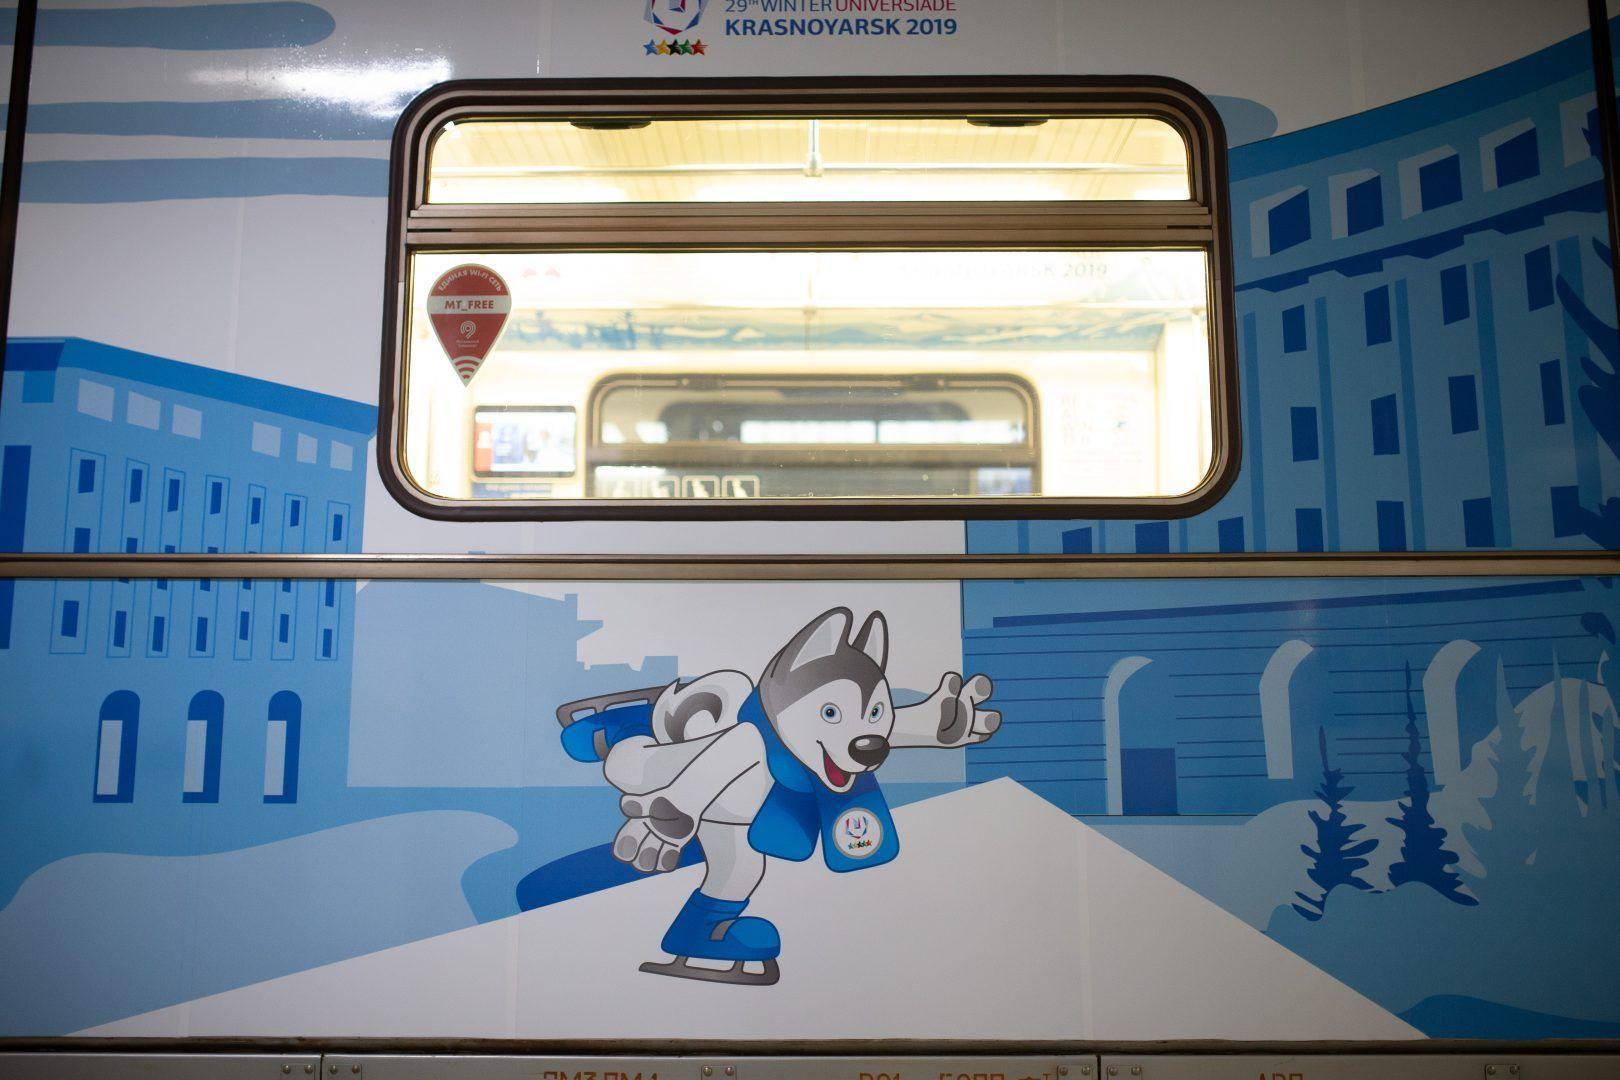 Фото: пресс-служба метрополитена